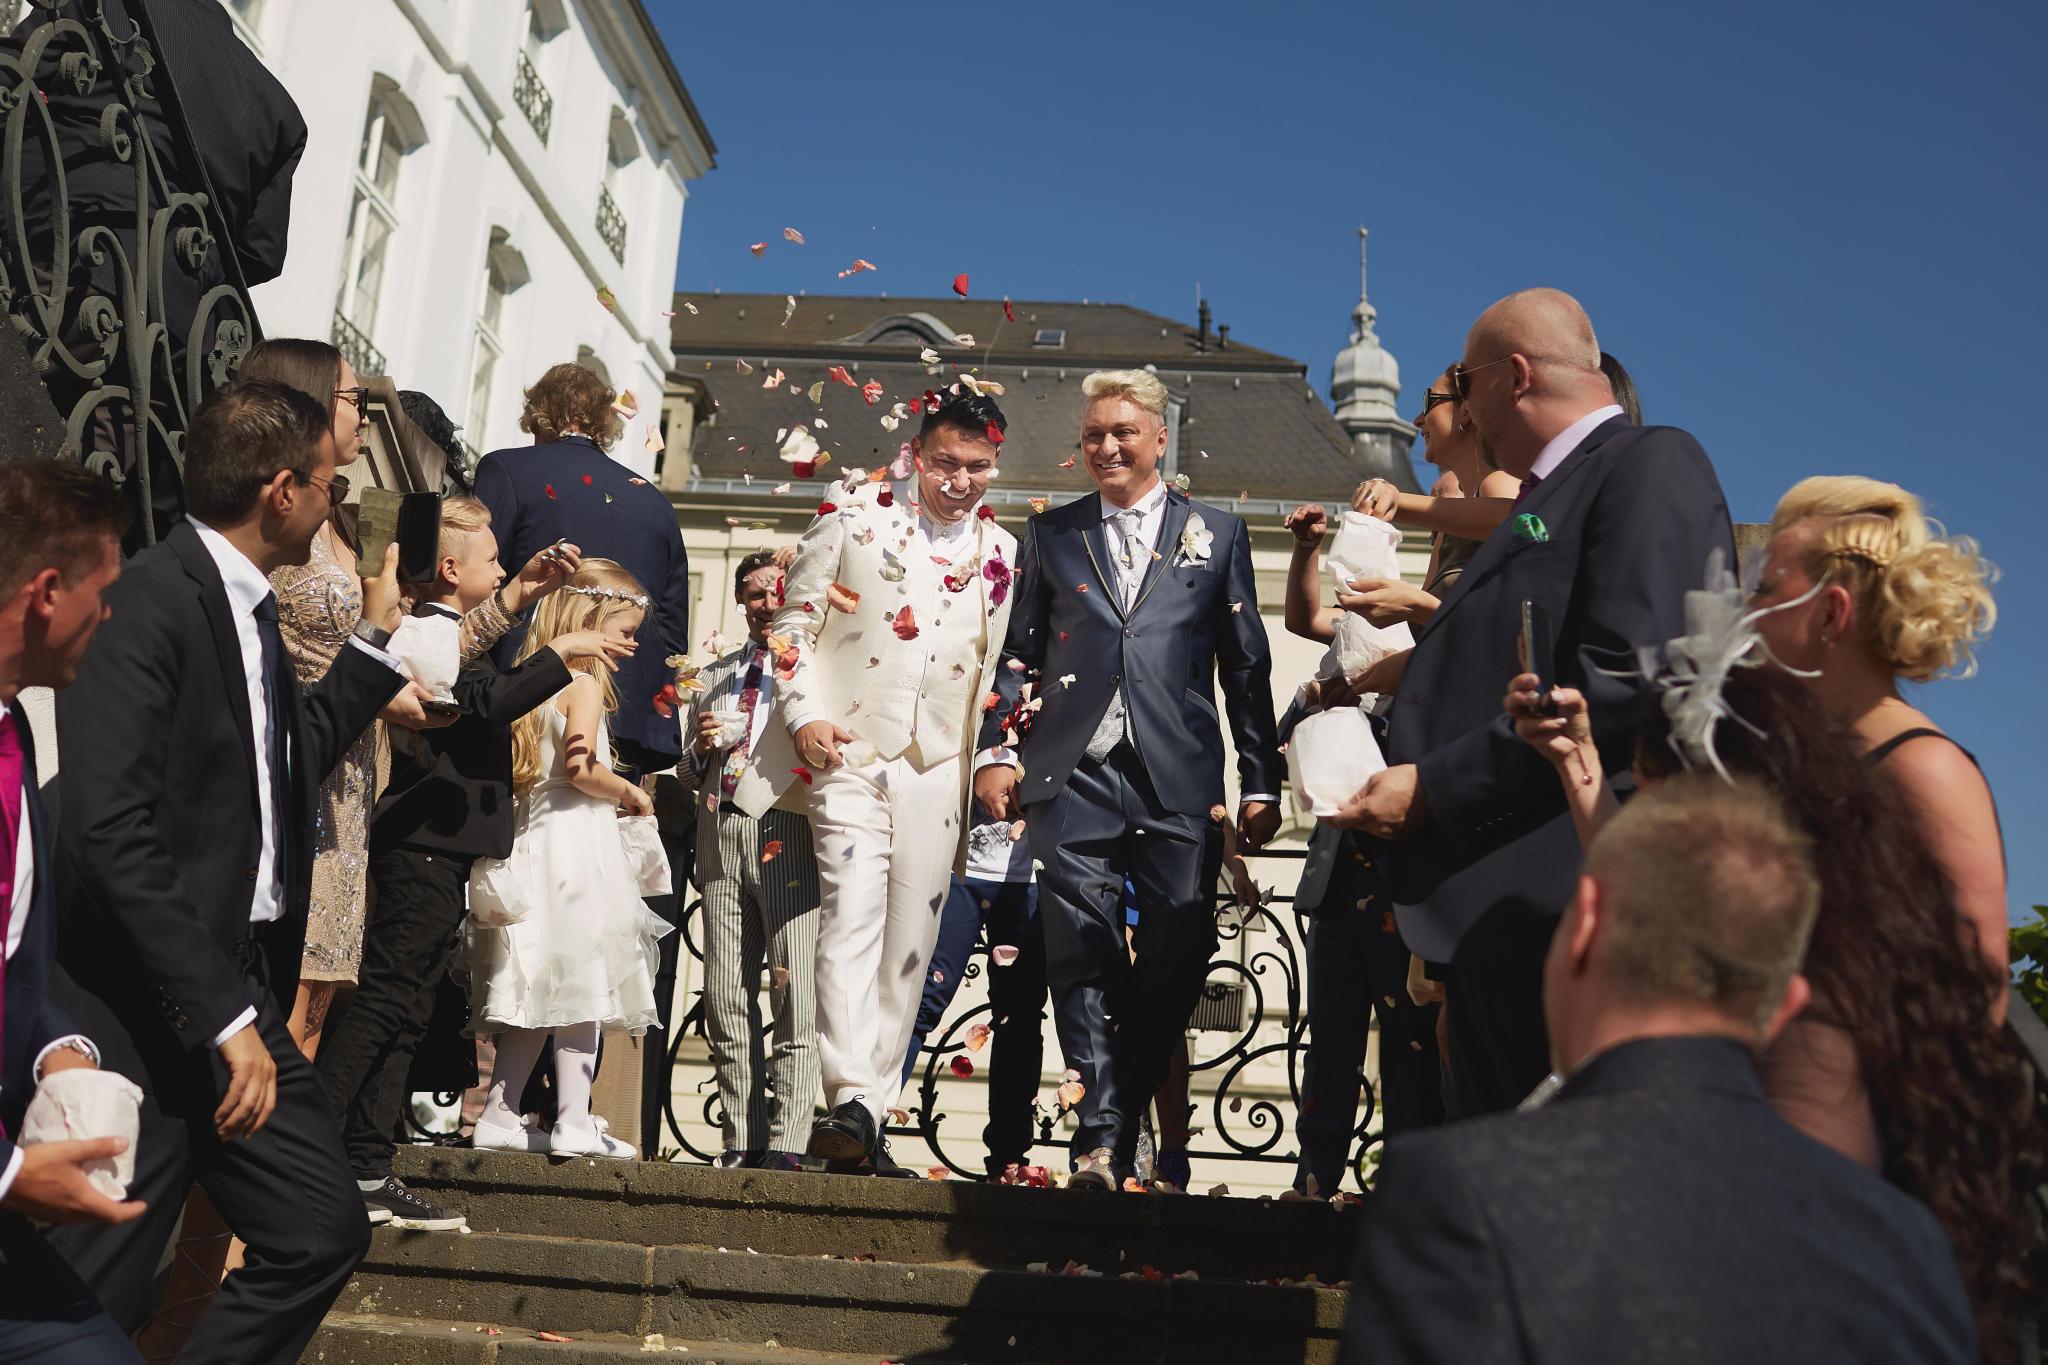 Hochzeit Hubert Und Matthias  Hubert und Matthias So romantisch was das Ja Wort